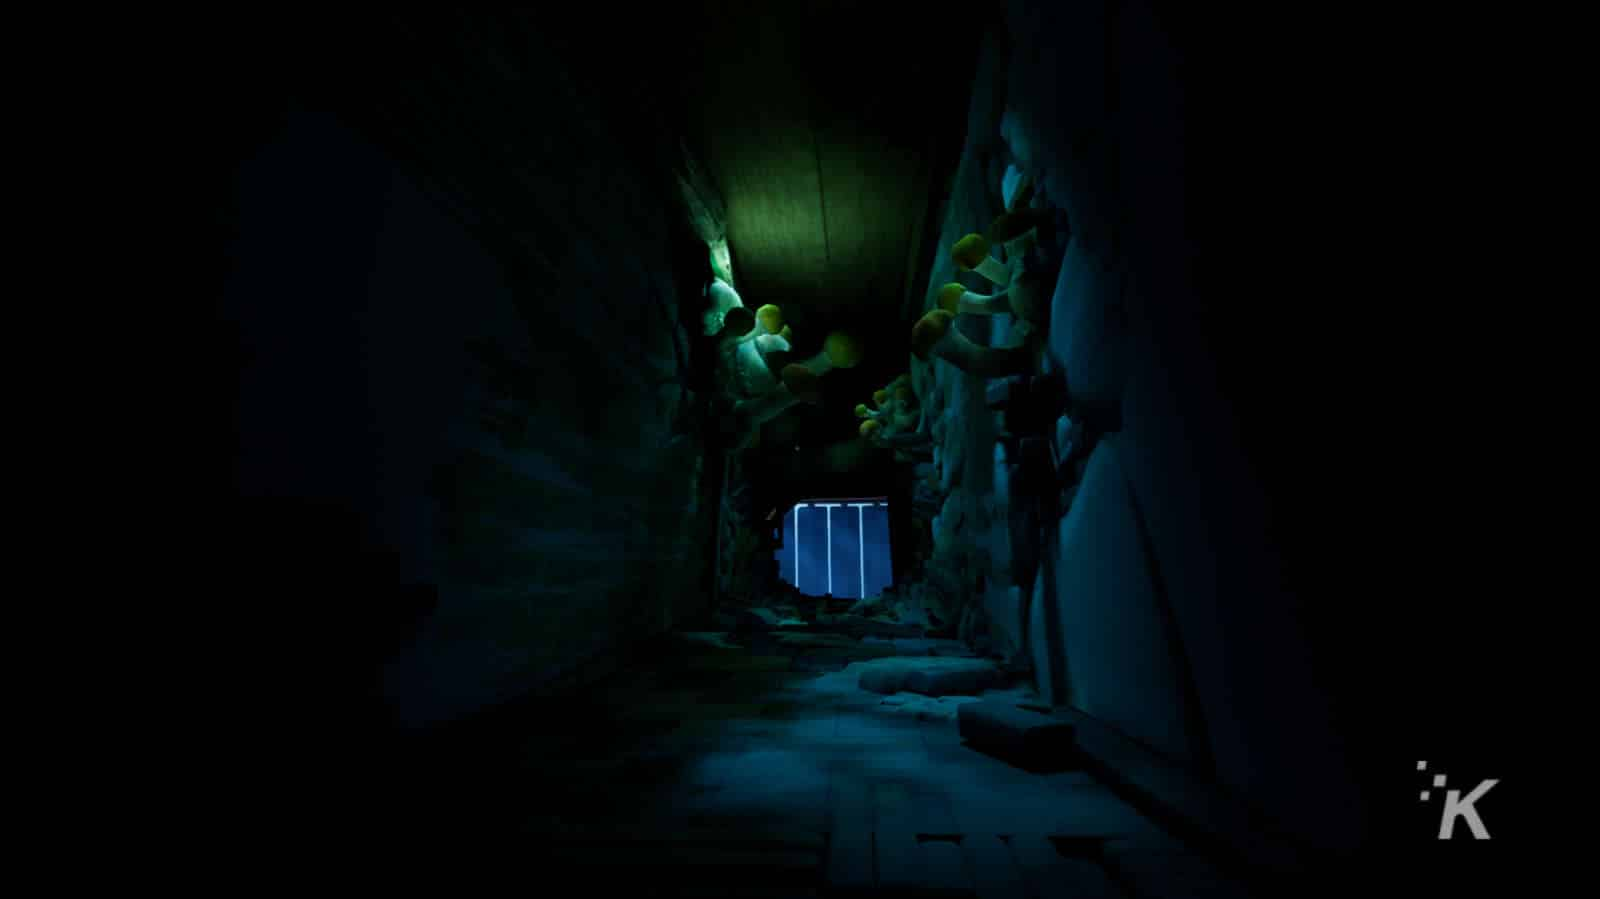 hallway in metamorphosis game